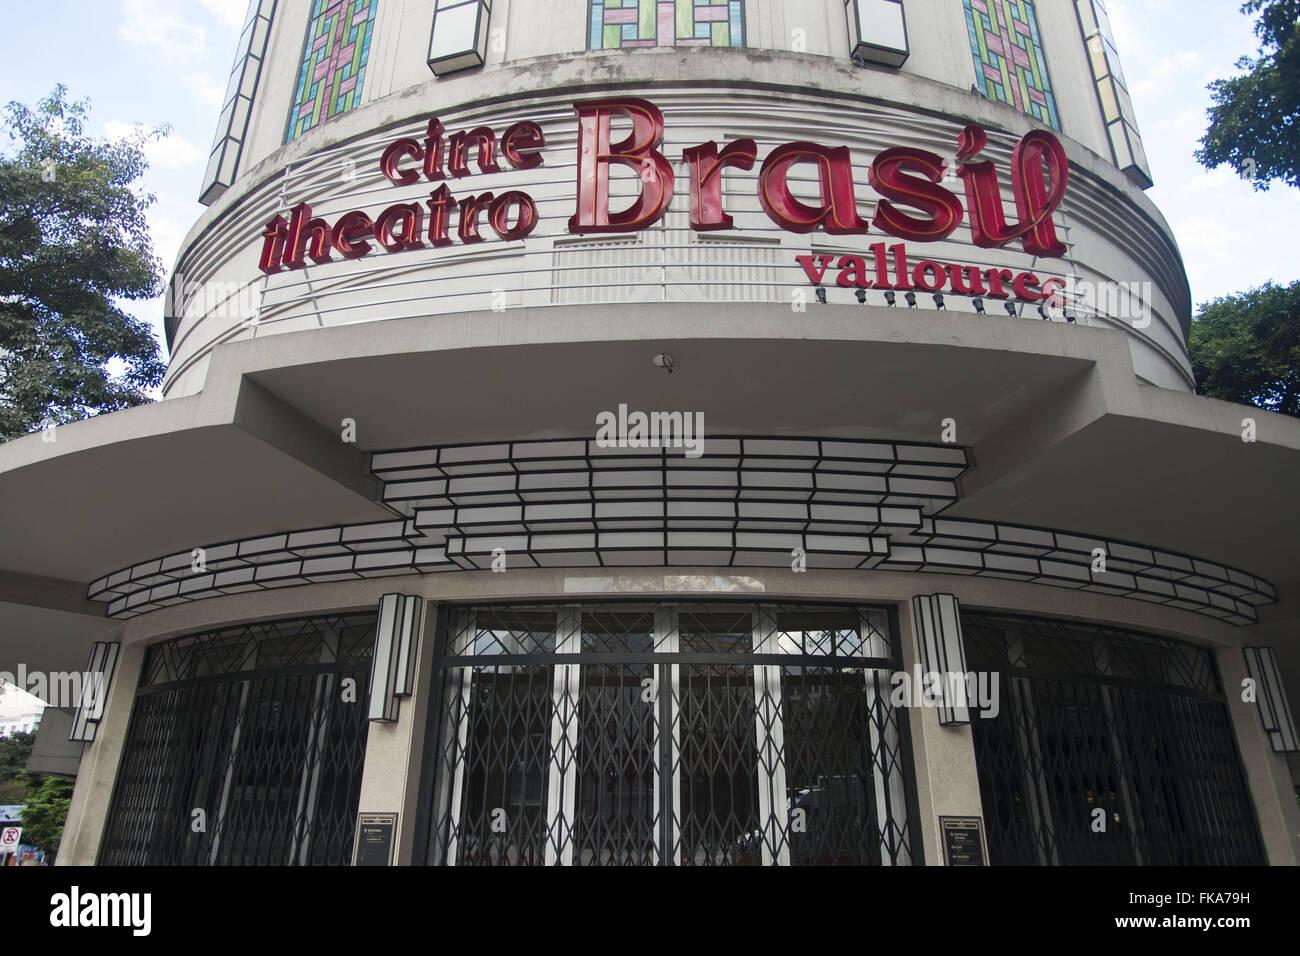 Cine Teatro Brasil Vallourec en la esquina de las avenidas Amazonas y Afonso Pena Imagen De Stock